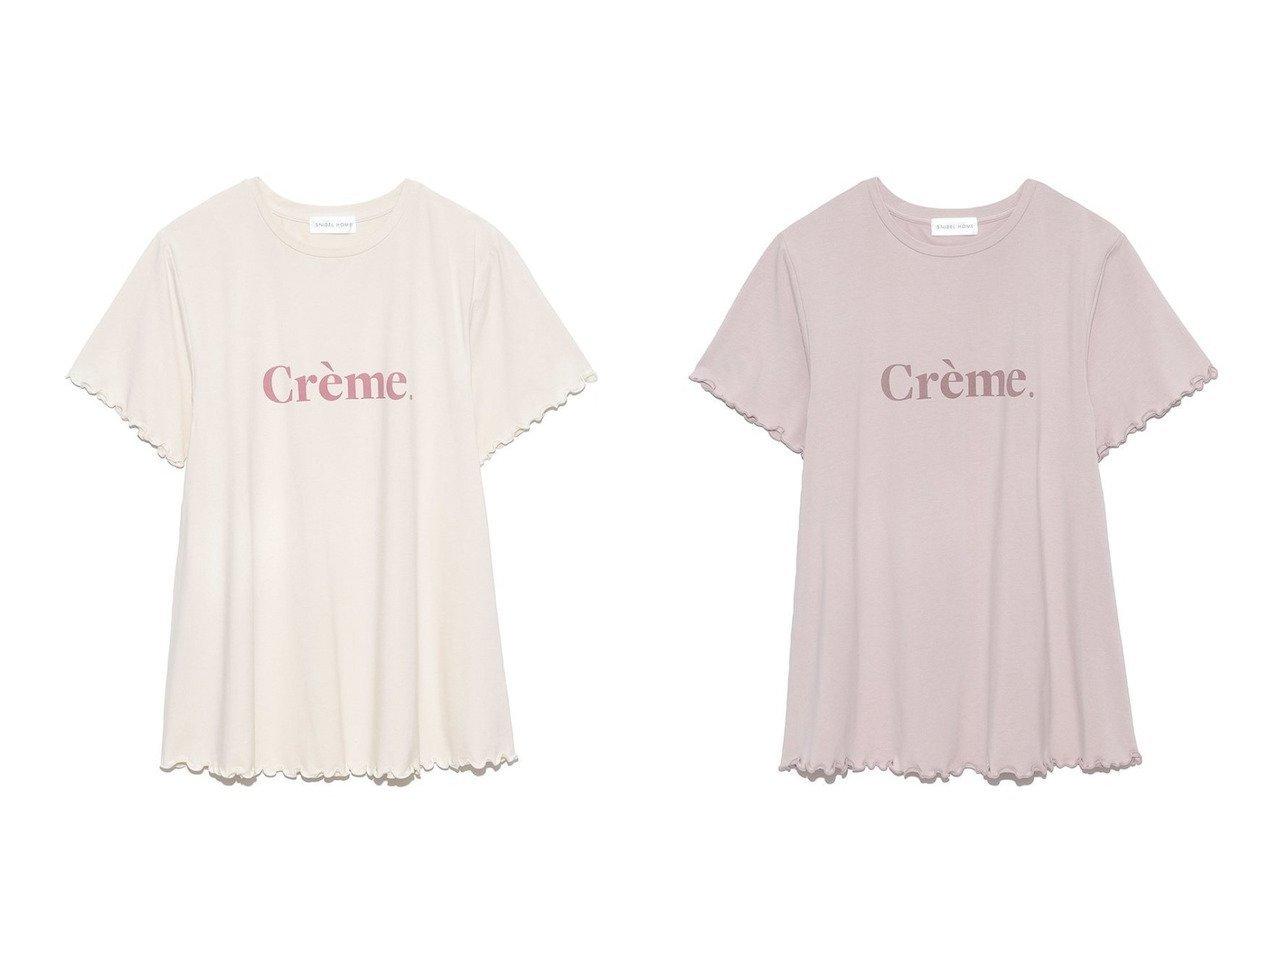 【SNIDEL HOME/スナイデル ホーム】のモイスプロメローロゴTシャツ おすすめ!人気、トレンド・レディースファッションの通販 おすすめで人気の流行・トレンド、ファッションの通販商品 インテリア・家具・メンズファッション・キッズファッション・レディースファッション・服の通販 founy(ファニー) https://founy.com/ ファッション Fashion レディースファッション WOMEN トップス・カットソー Tops/Tshirt シャツ/ブラウス Shirts/Blouses ロング / Tシャツ T-Shirts カットソー Cut and Sewn おすすめ Recommend カットソー シンプル セットアップ リラックス 夏 Summer |ID:crp329100000061964